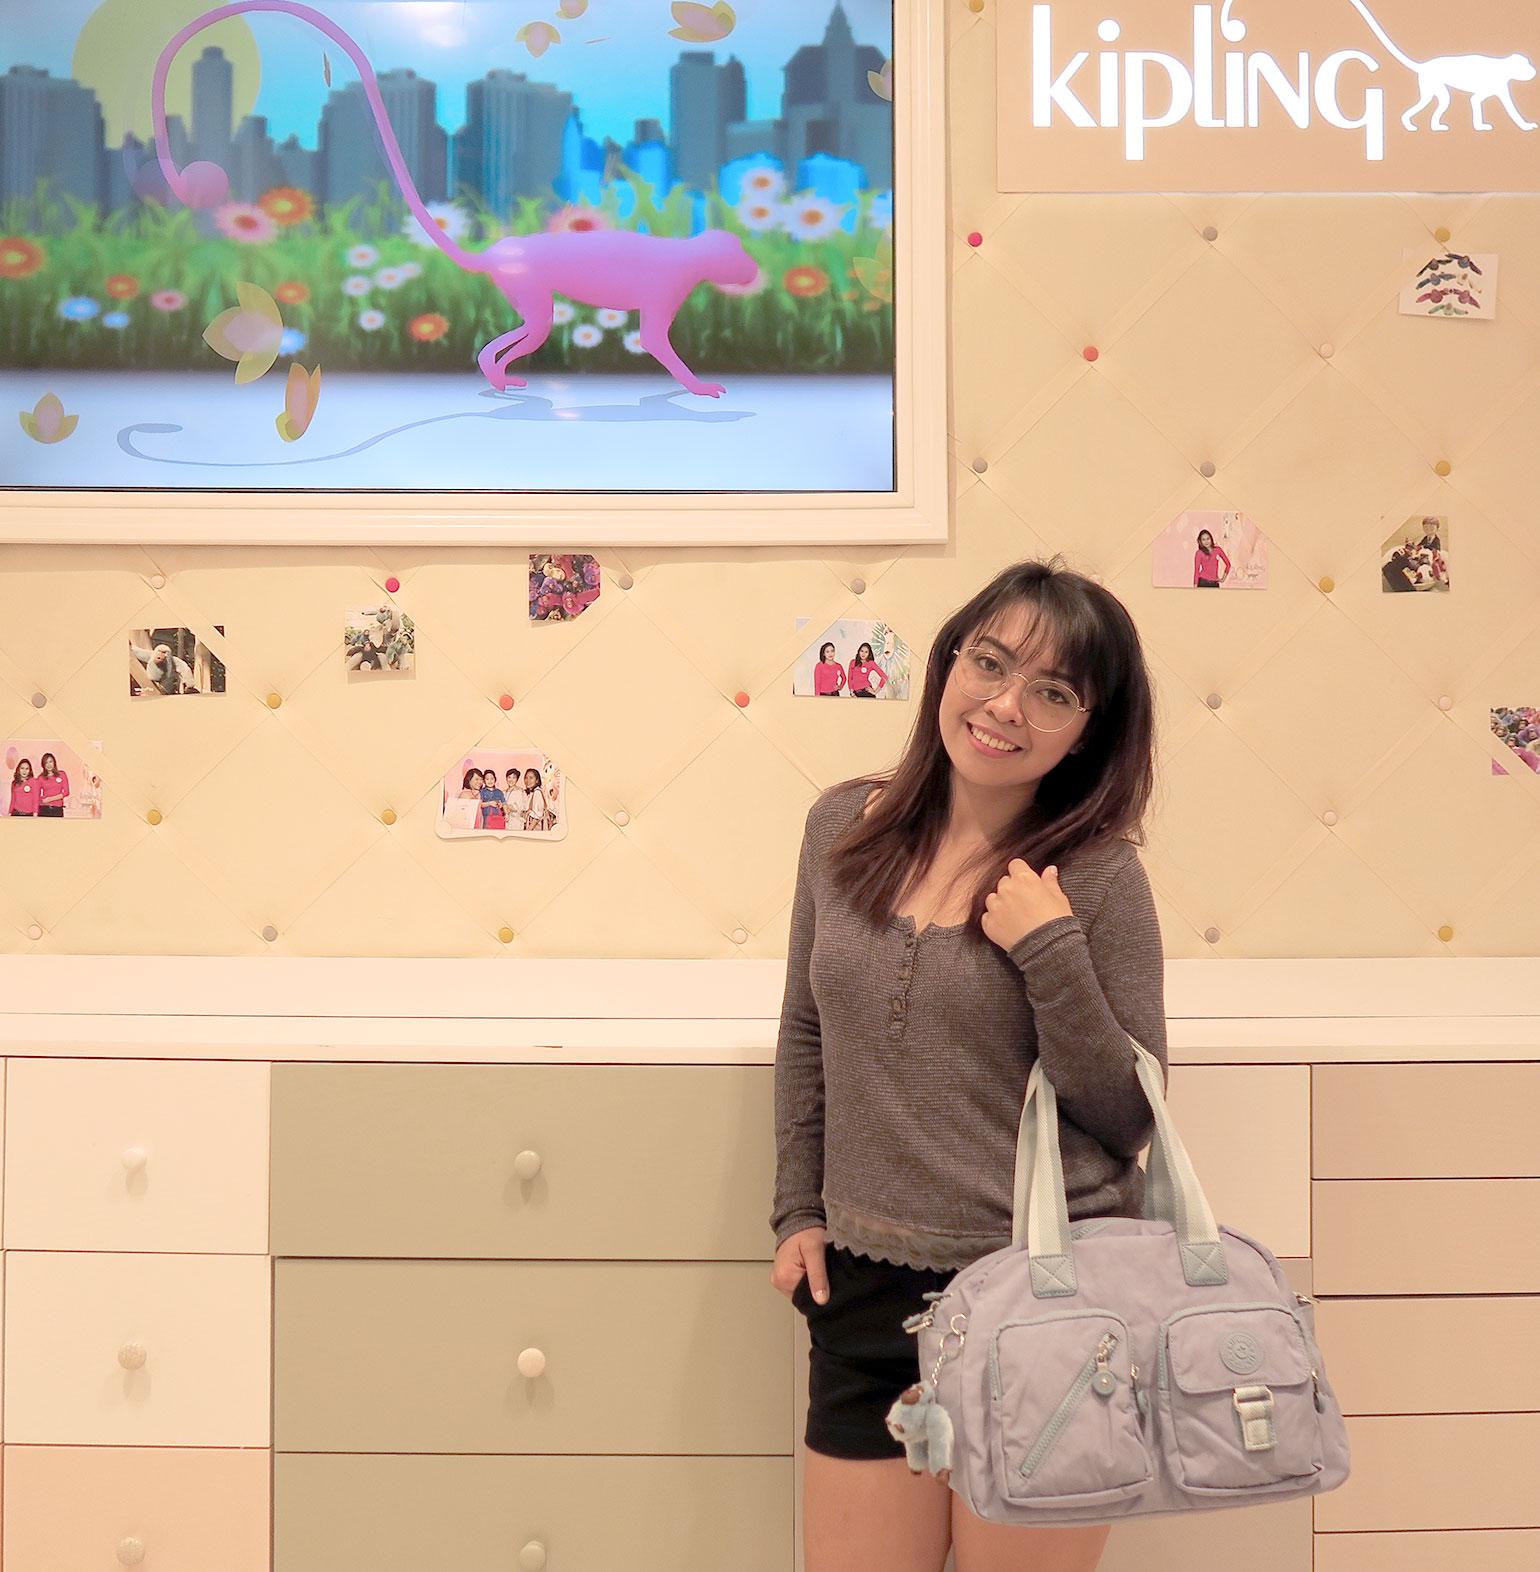 6 Kipling Philippines 30 years - Uptown Mall - Dream Garden Collection - Gen-zel.com(c)